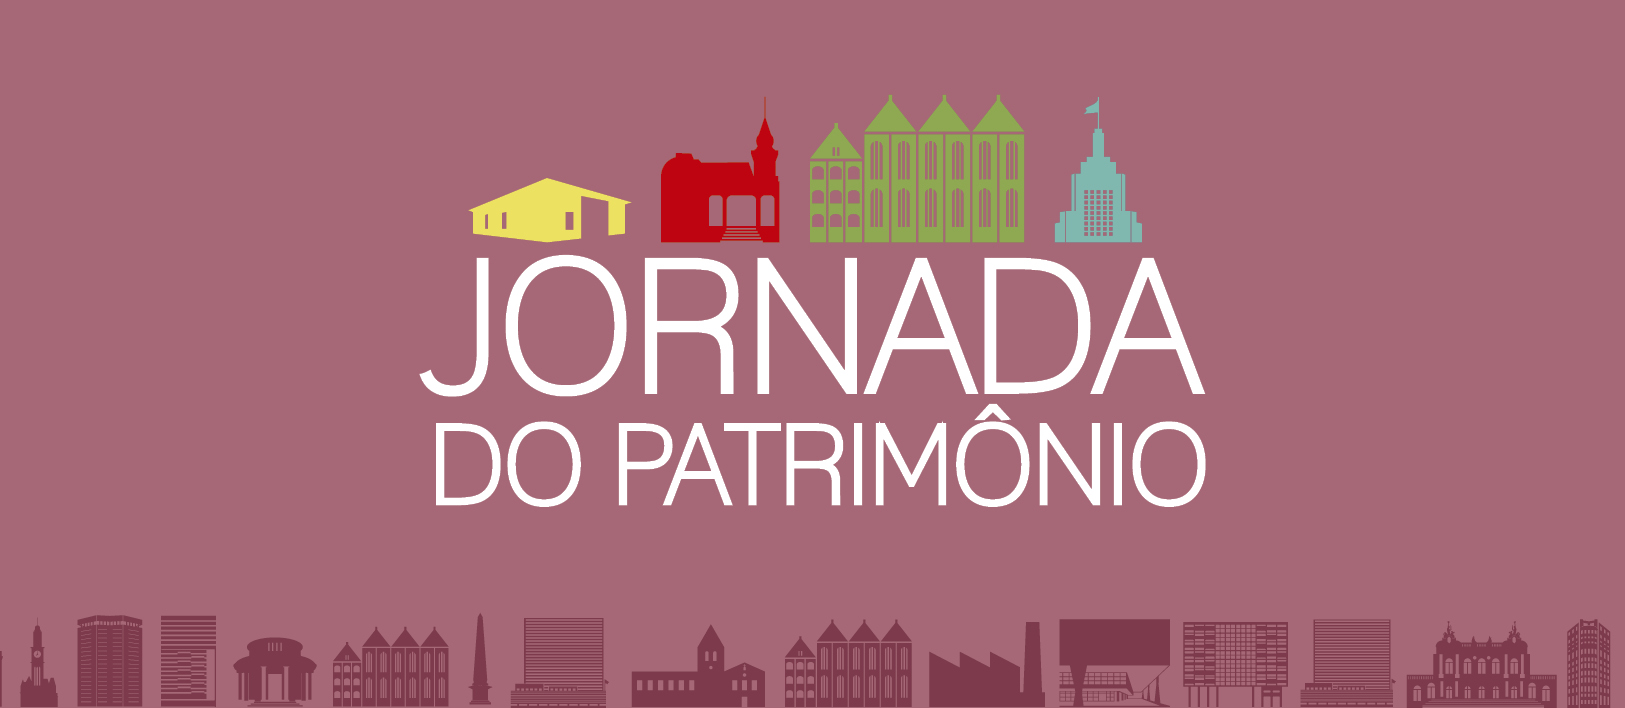 Jornada%20do%20Patrimonio 390x170px2 1449075574 - Série Avenida Paulista: o natal, a janela da história e a jornada do patrimônio.